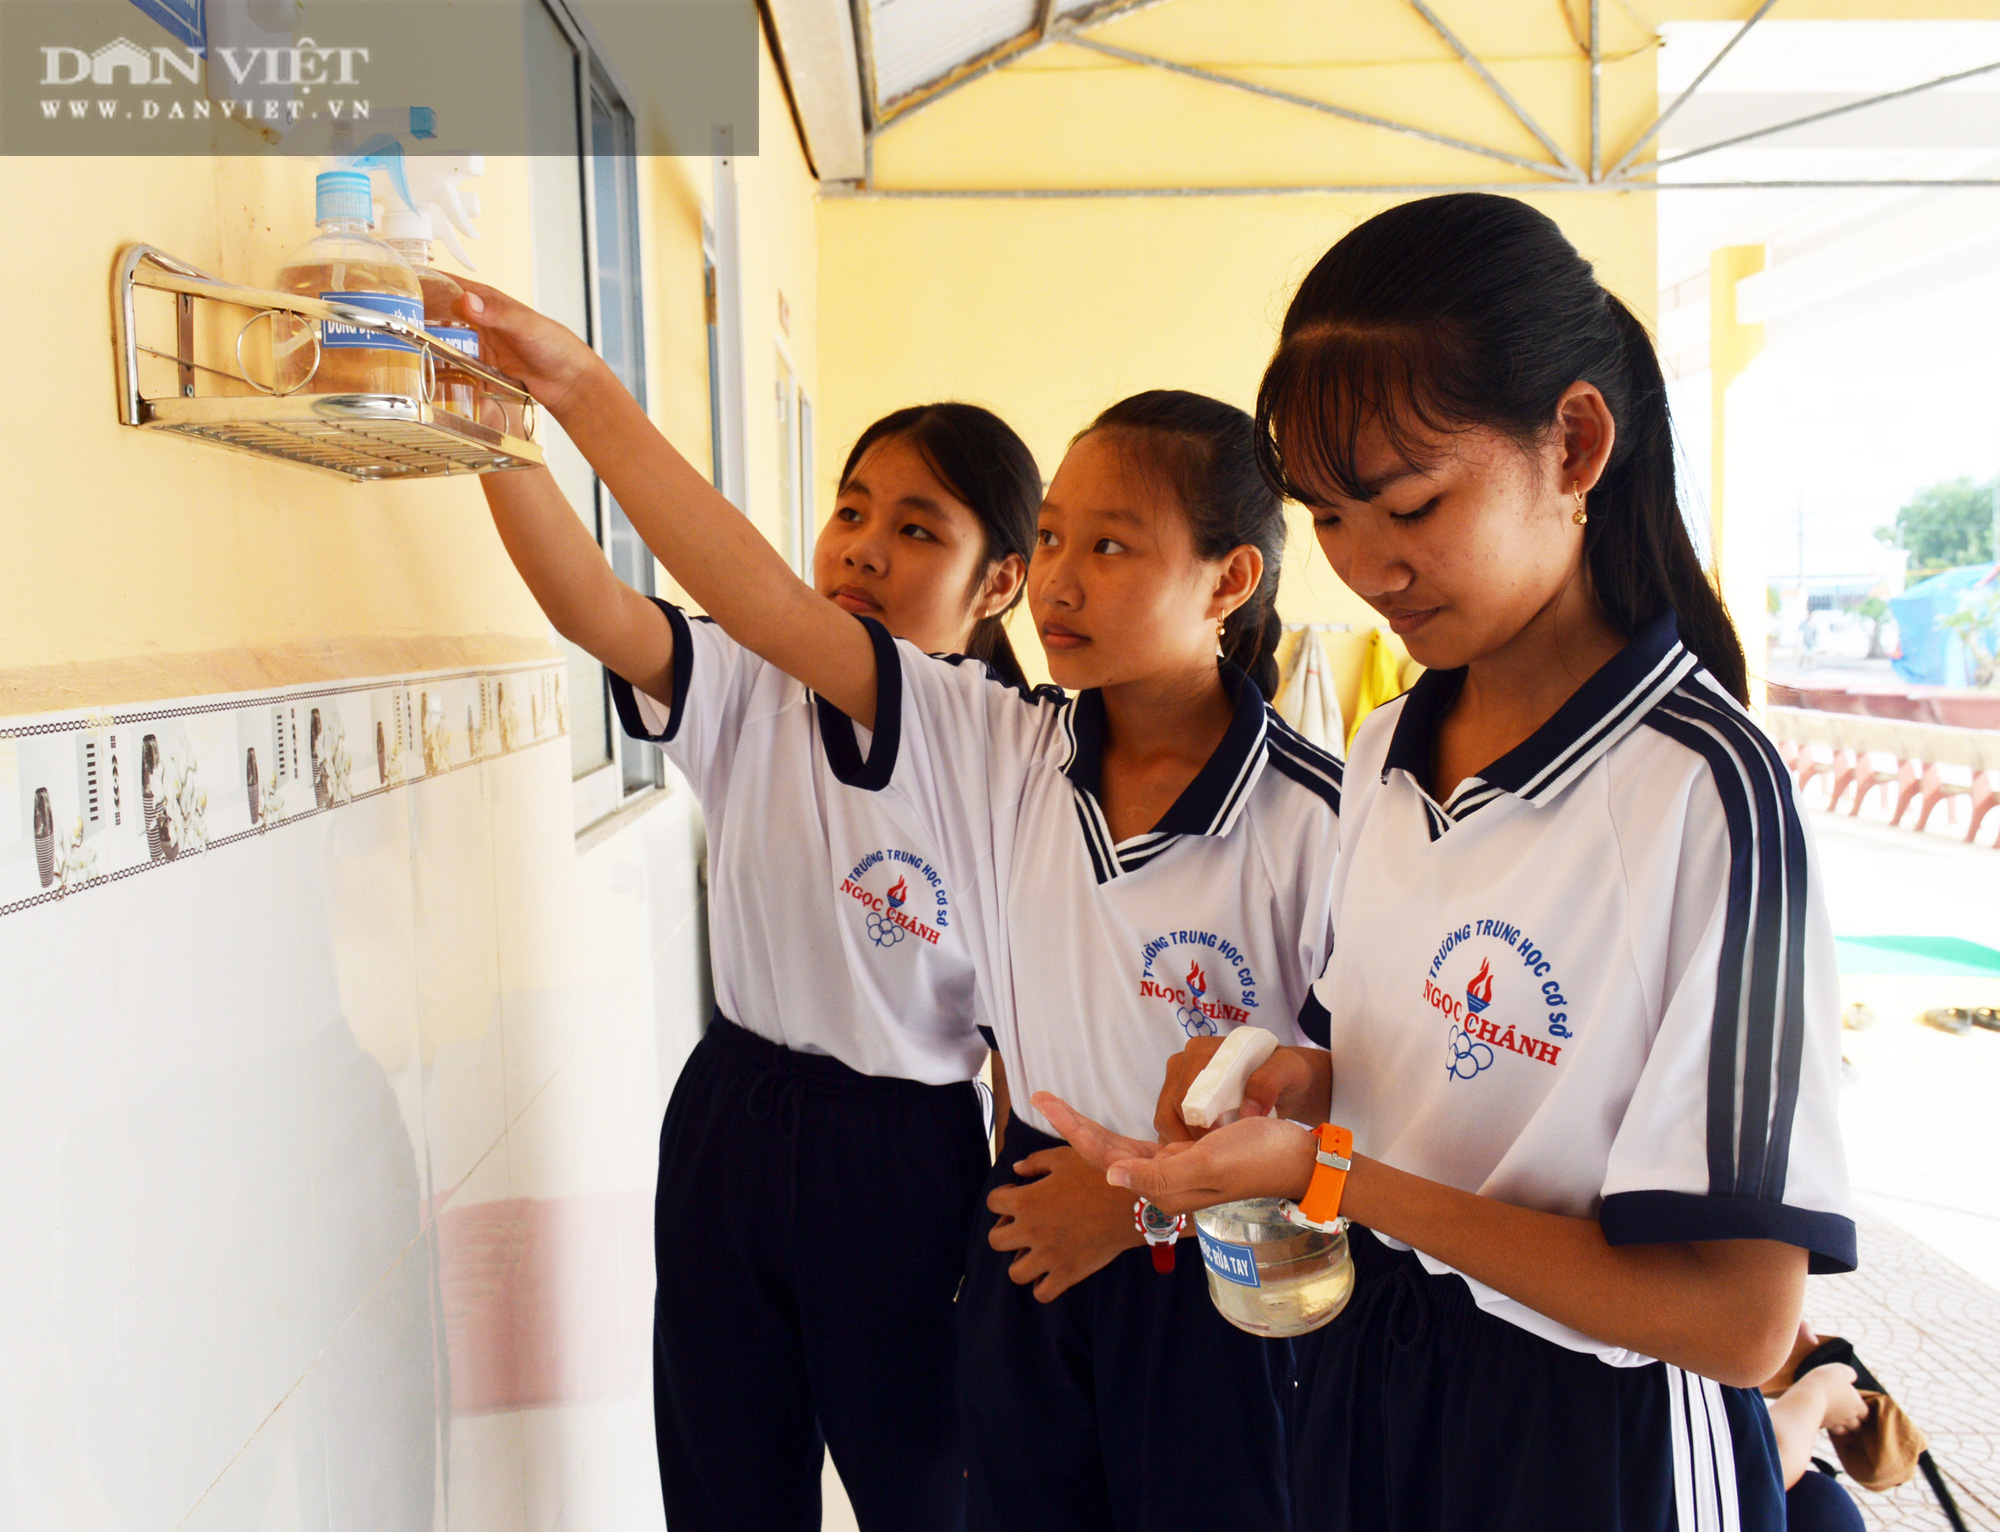 Người thầy Hiệu trưởng vùng sâu mang nước rửa tay, khẩu trang đến tận nhà cho học sinh - Ảnh 4.